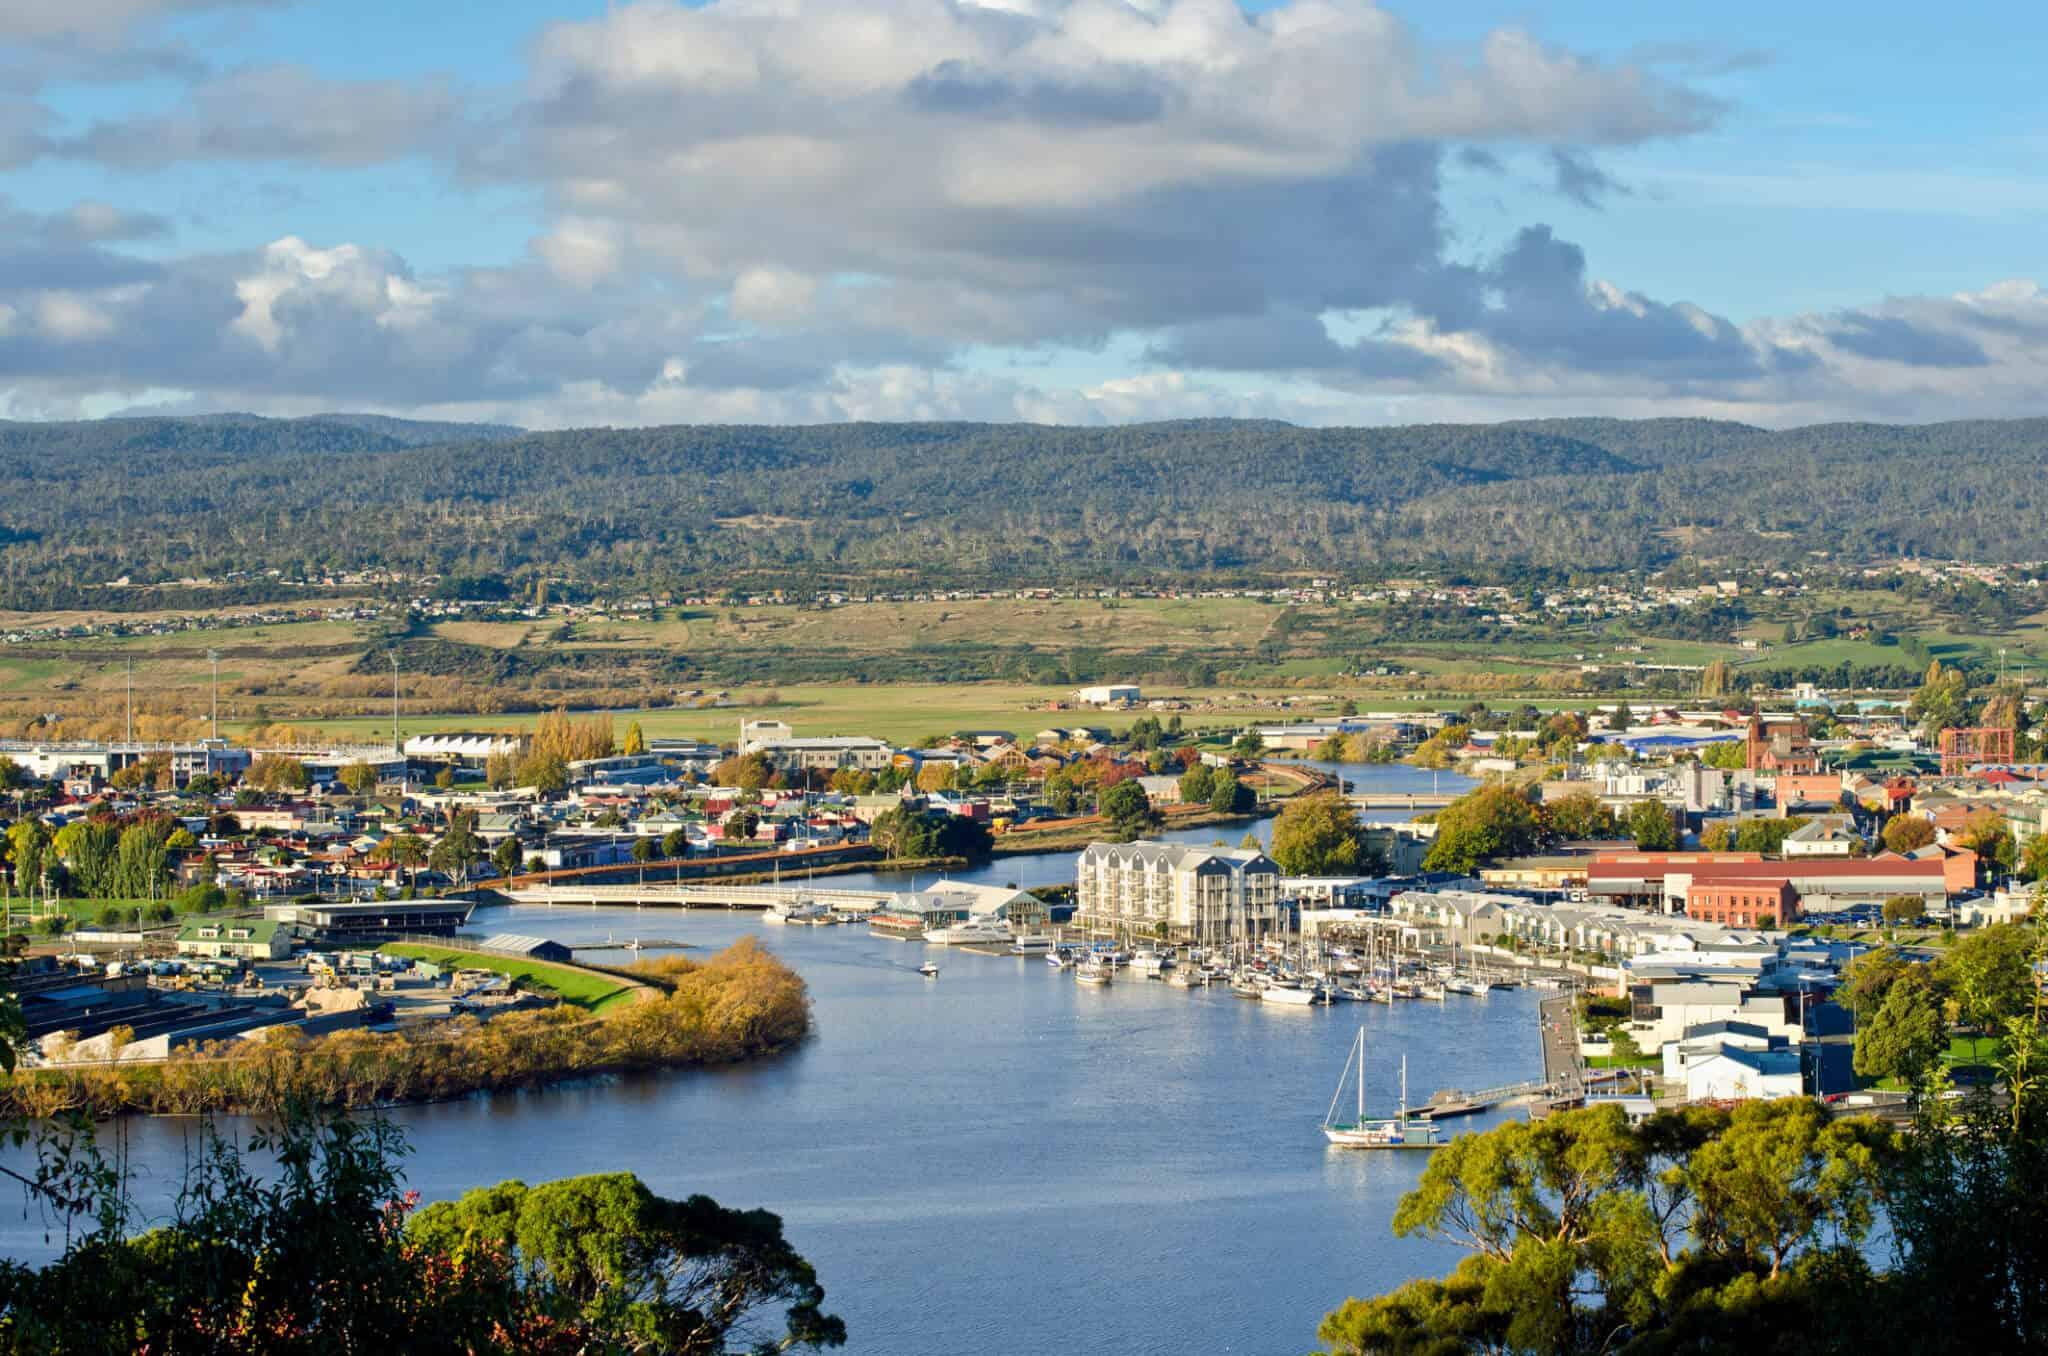 A stunning shot of Launceston in Tasmania.